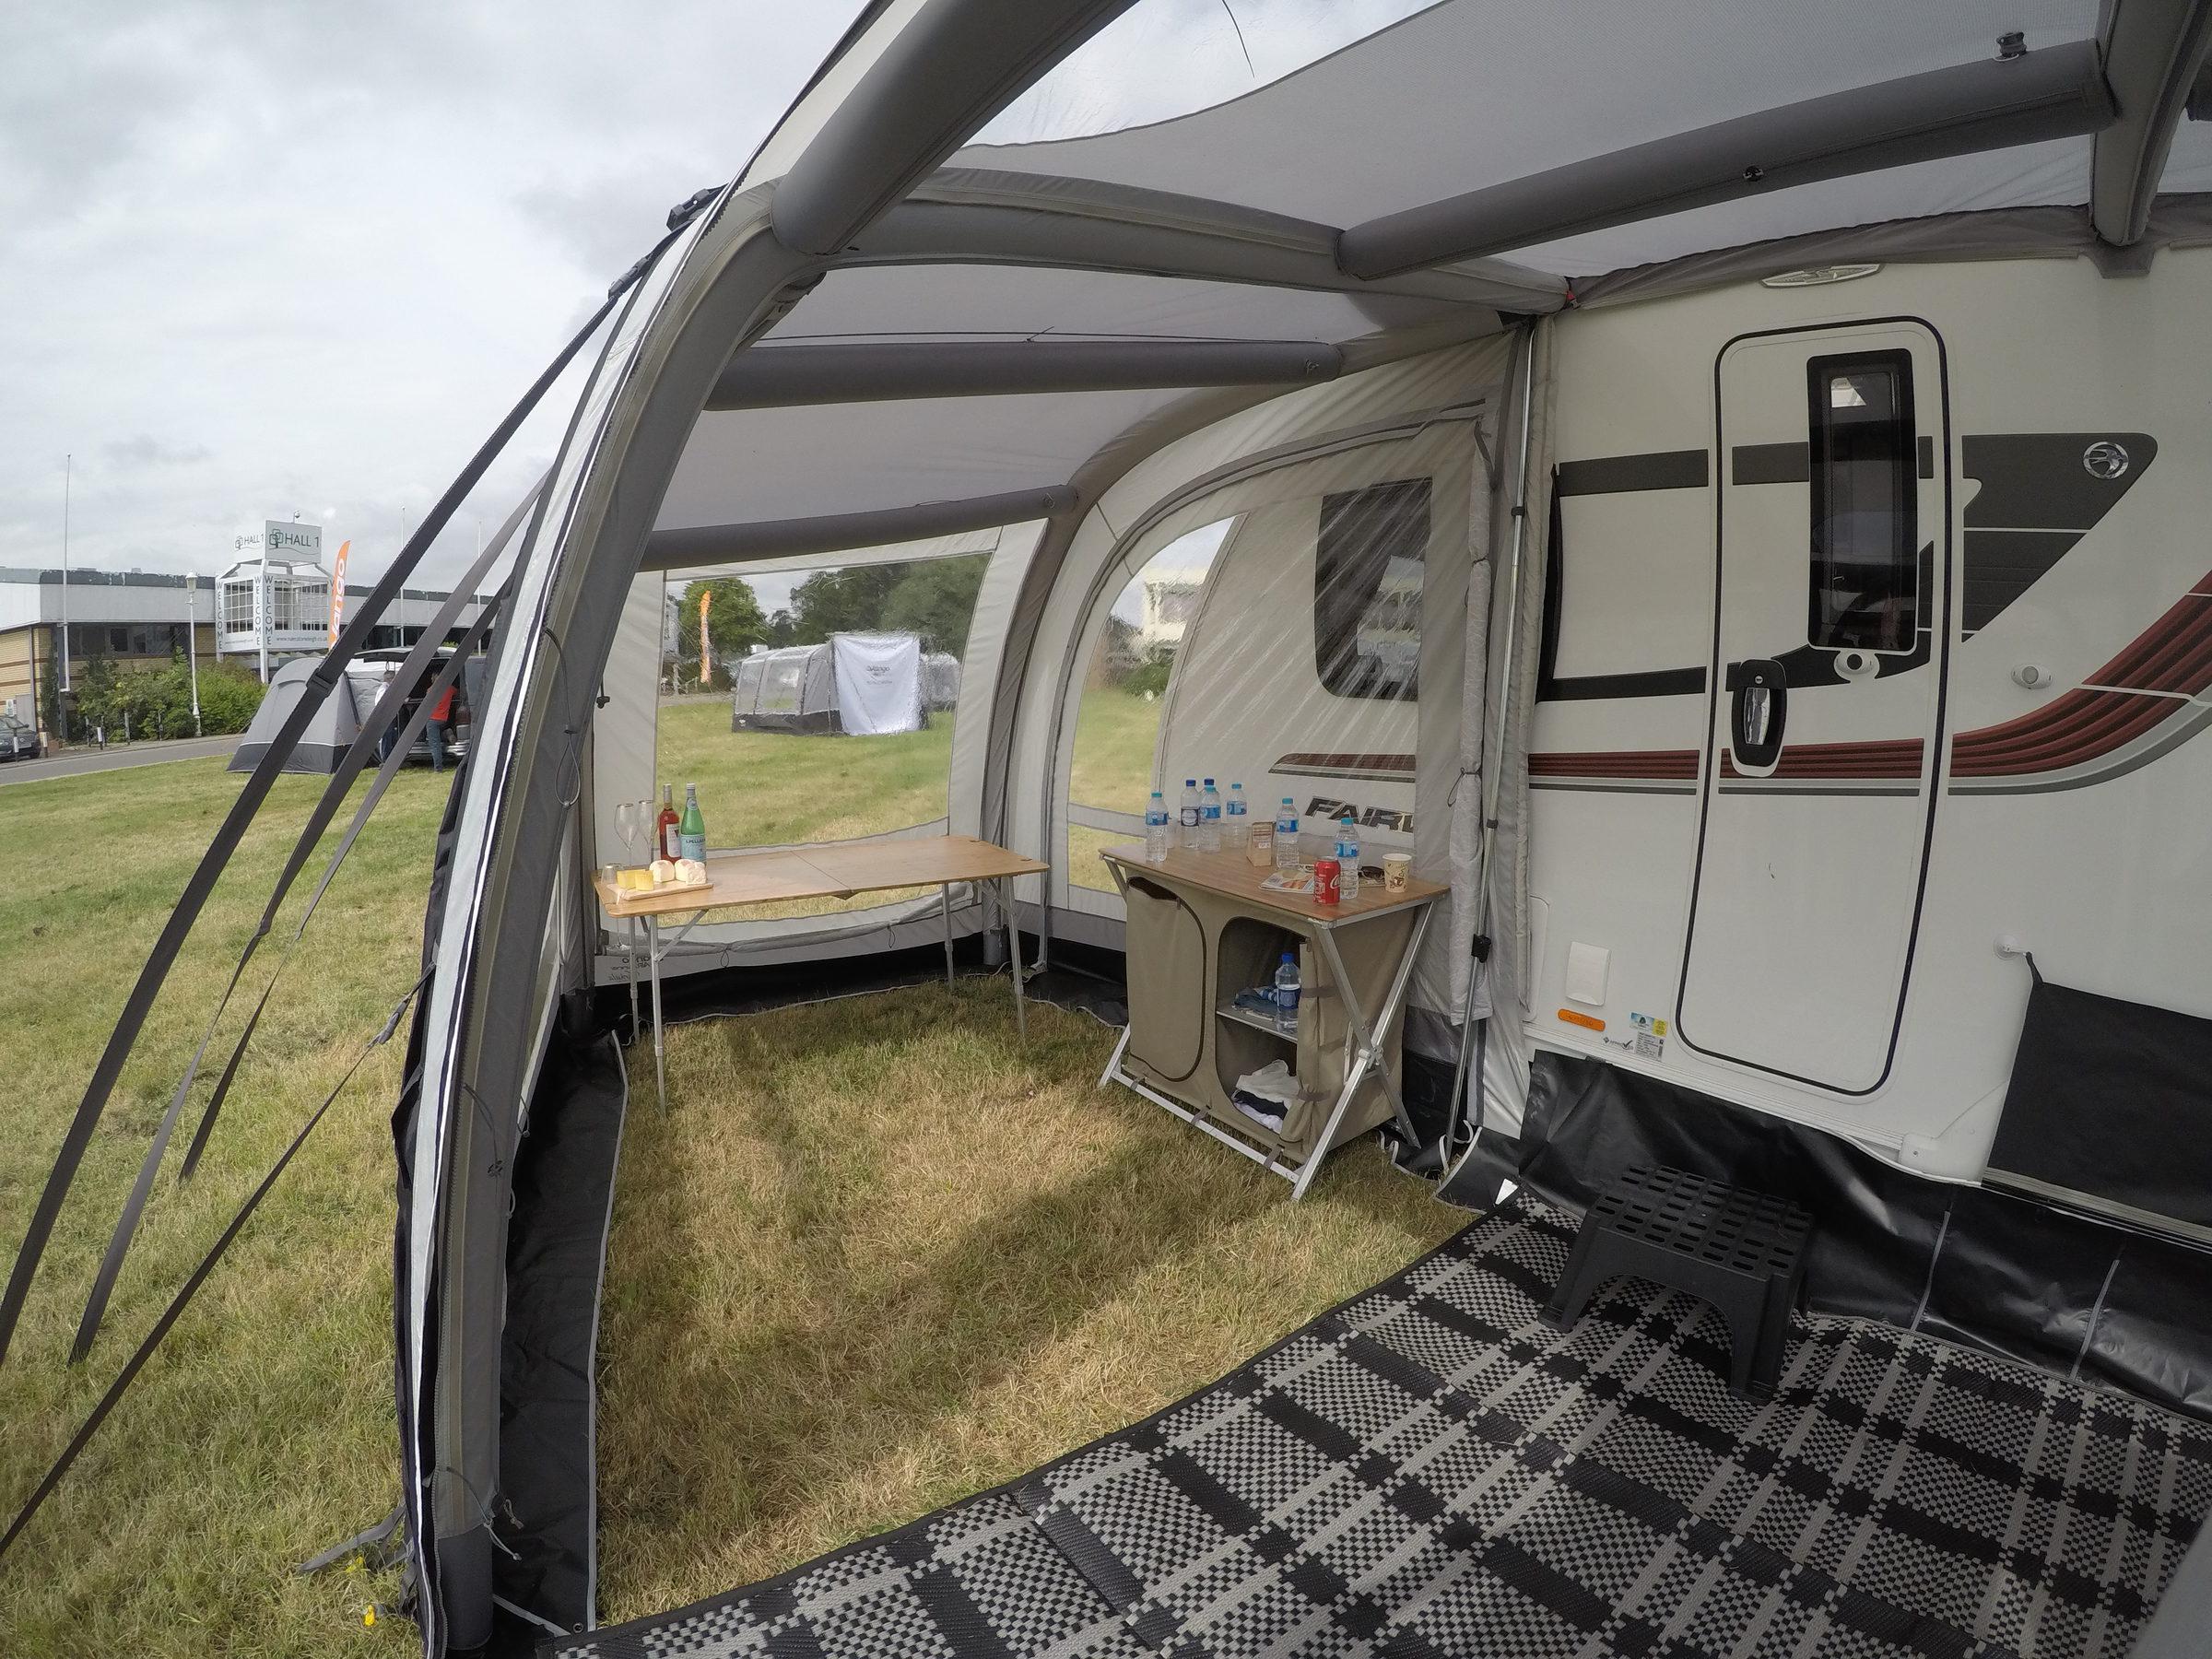 Vango Varkala Connect Extension Left 2019 Caravan